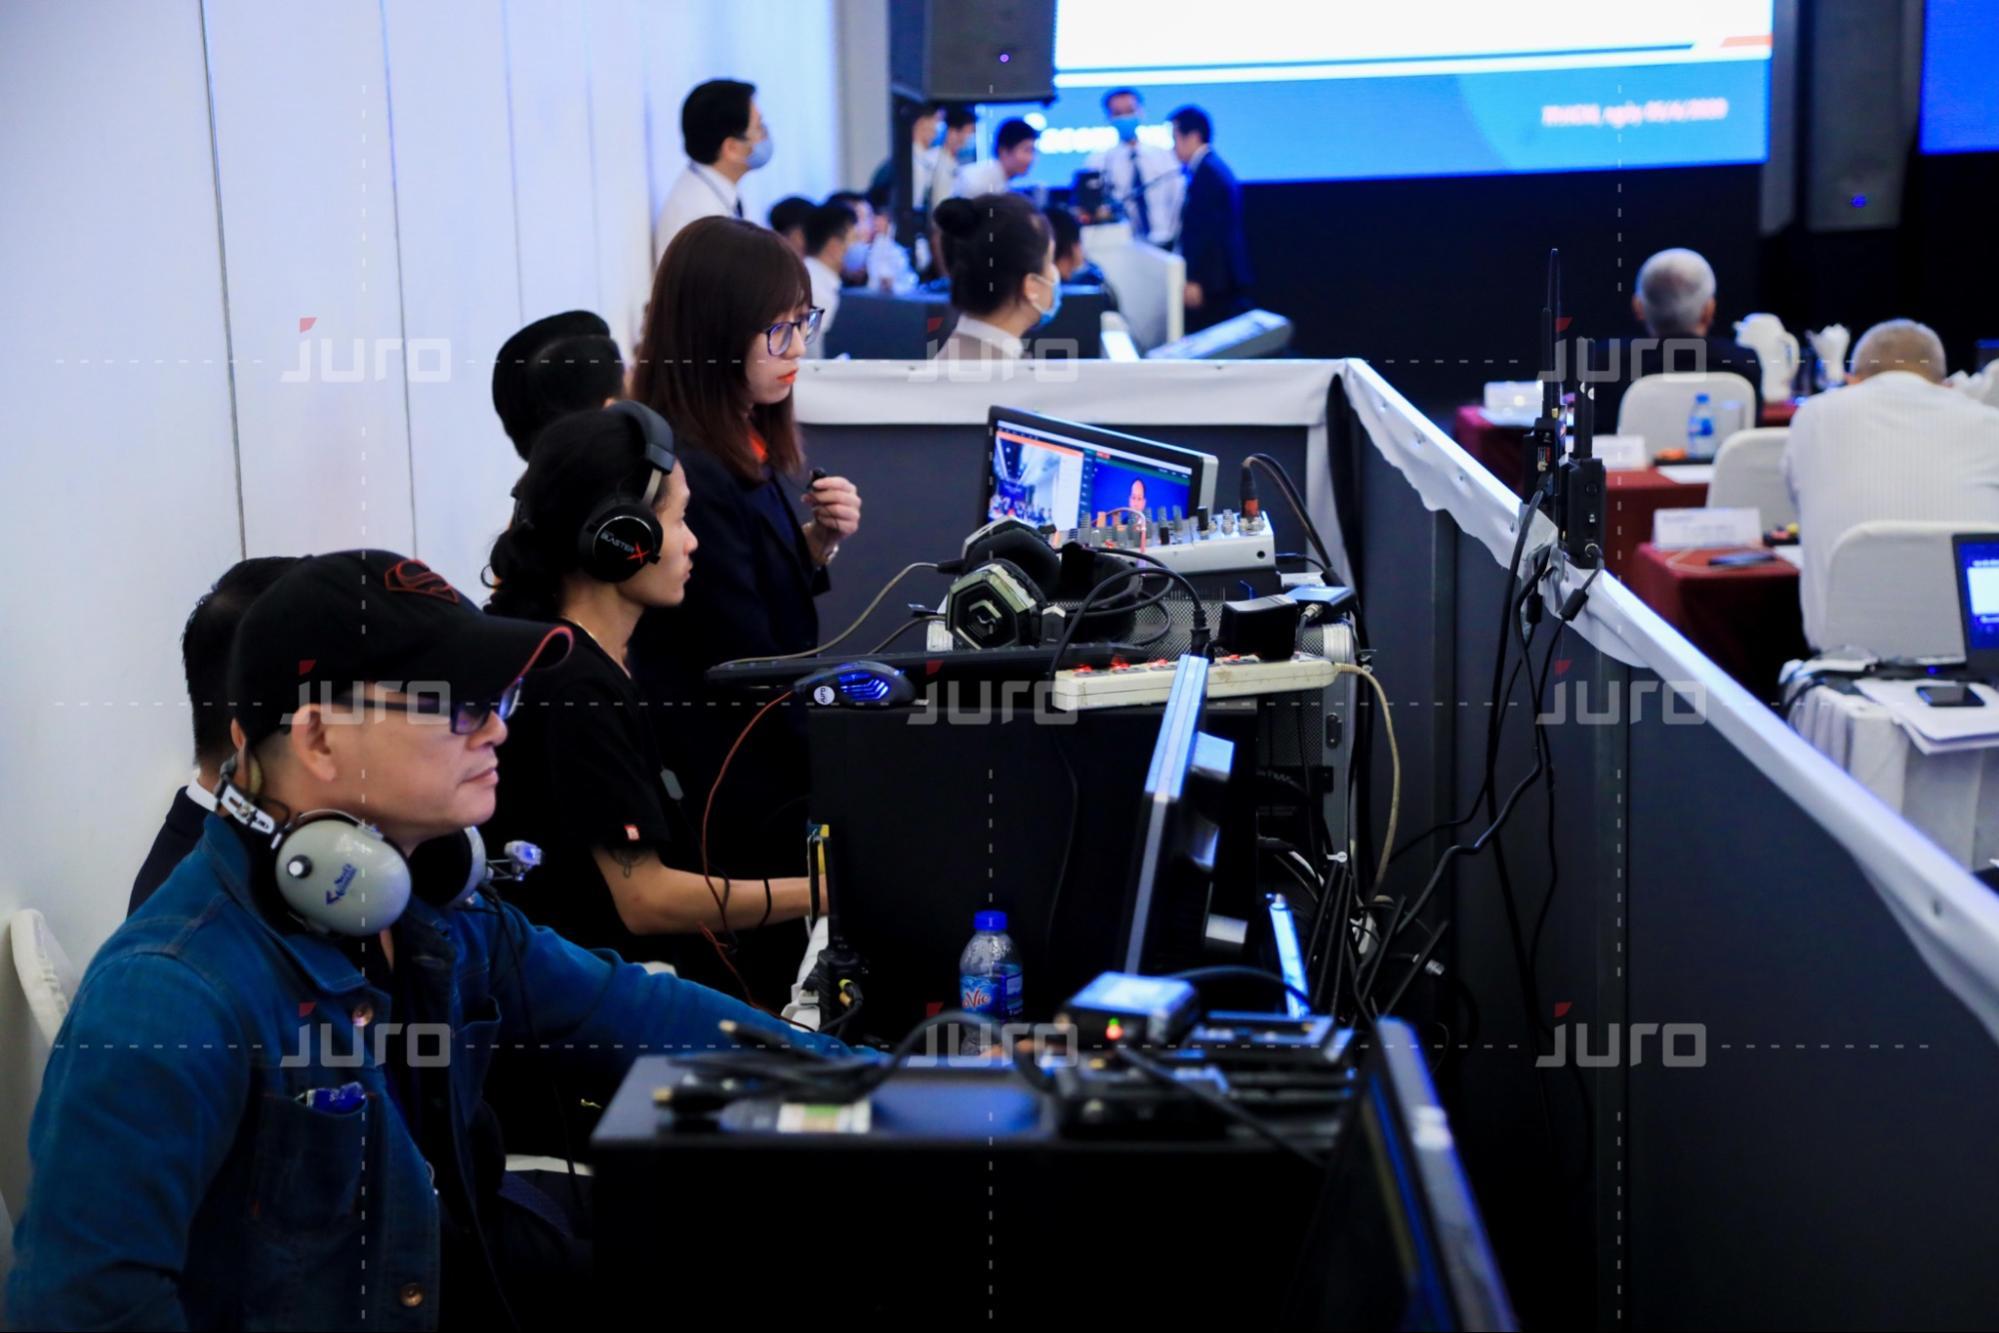 JURO - Đội ngũ hậu cần máy móc thiết bị hiện đại